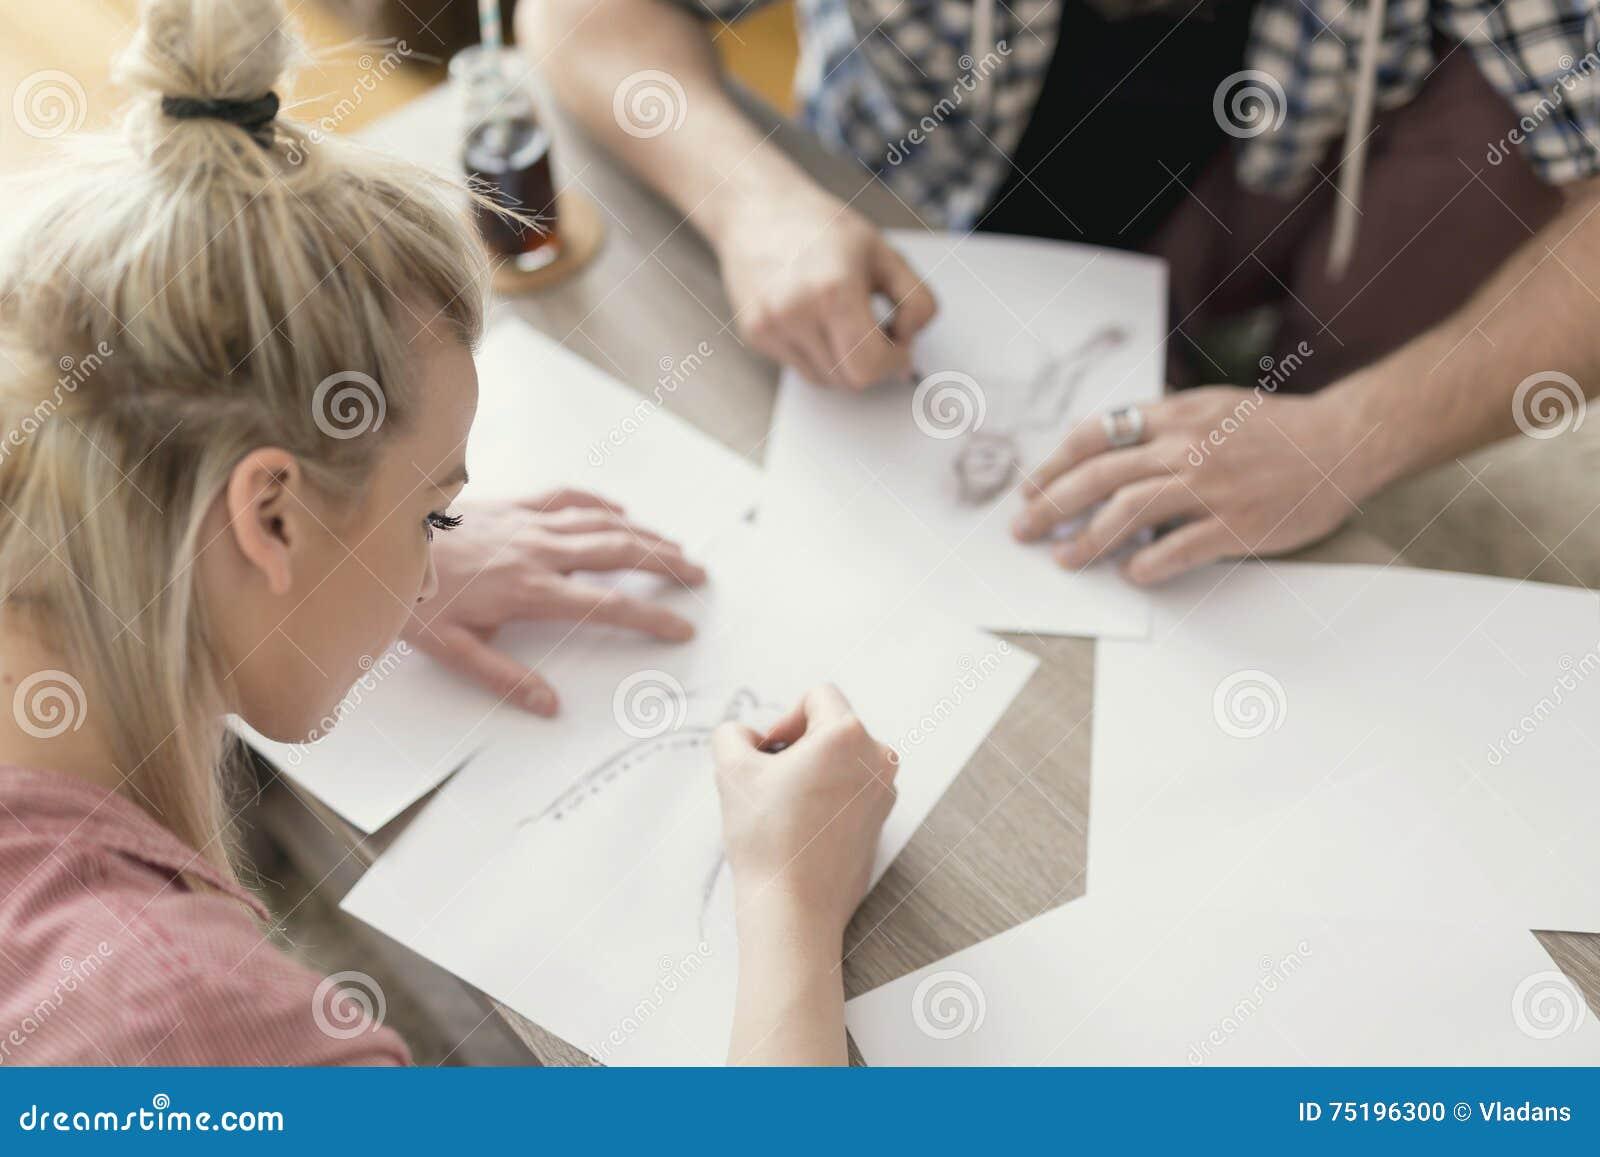 Σκιαγράφηση και σχεδιασμός